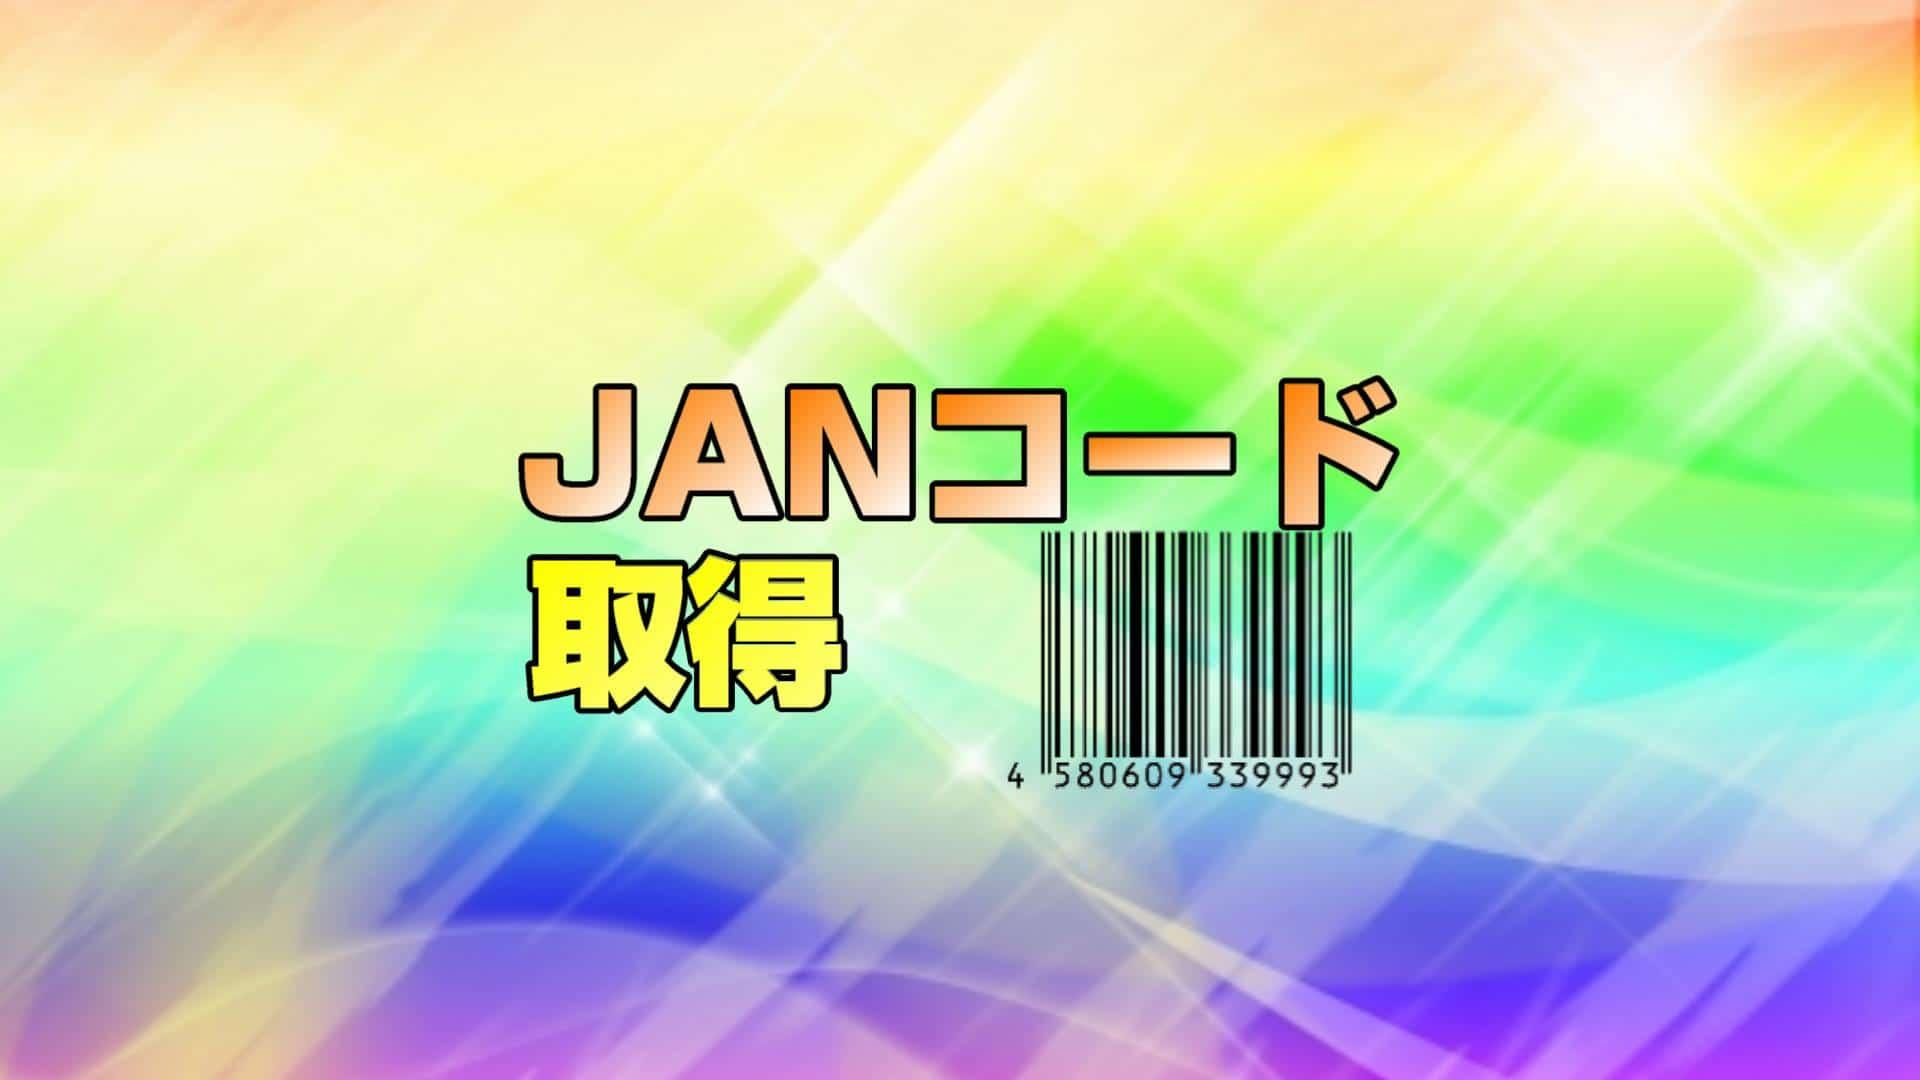 GS1事業者コード(JANコード)取得してみた